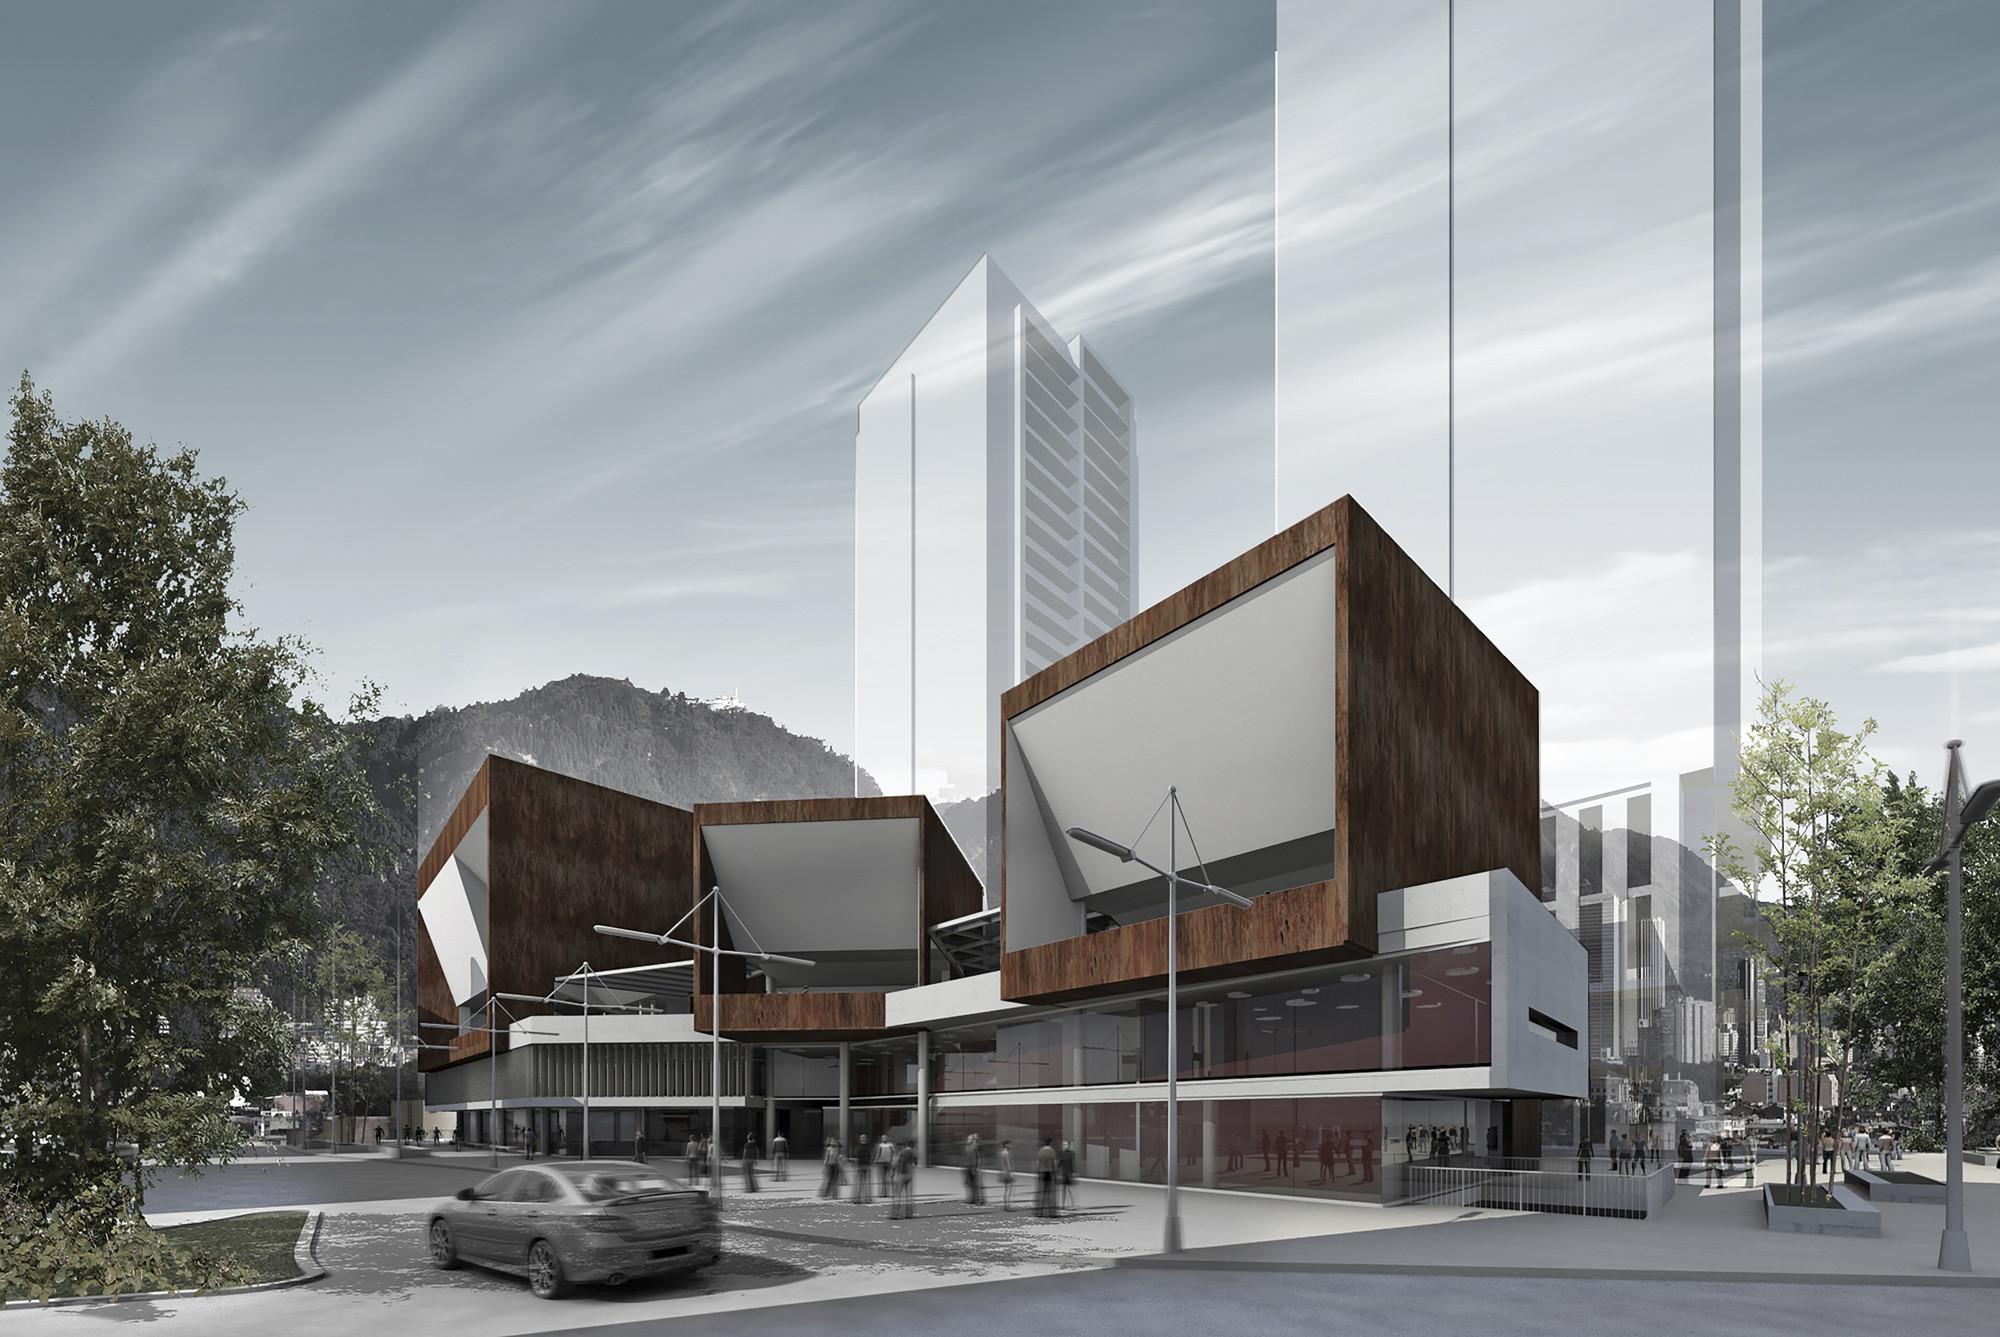 Segundo Lugar en Concurso público del diseño de nueva cinemateca distrital de Bogotá / Colombia, Cortesia de Eje A Arquitectura y Urbanismo